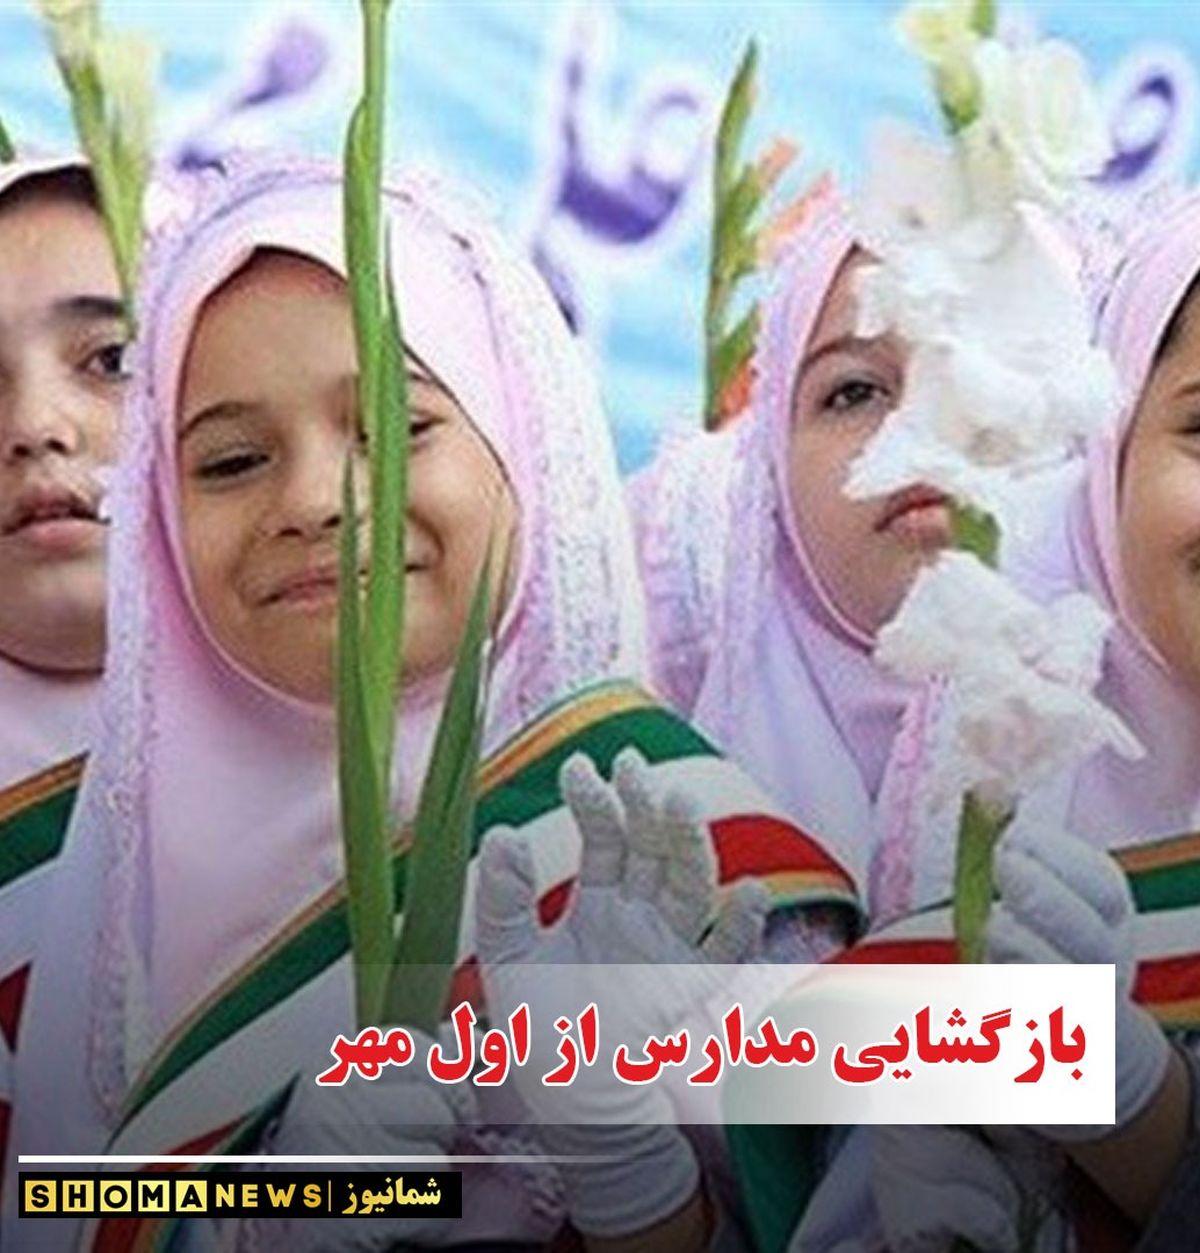 فوری/ بازگشایی مدارس از اول مهر